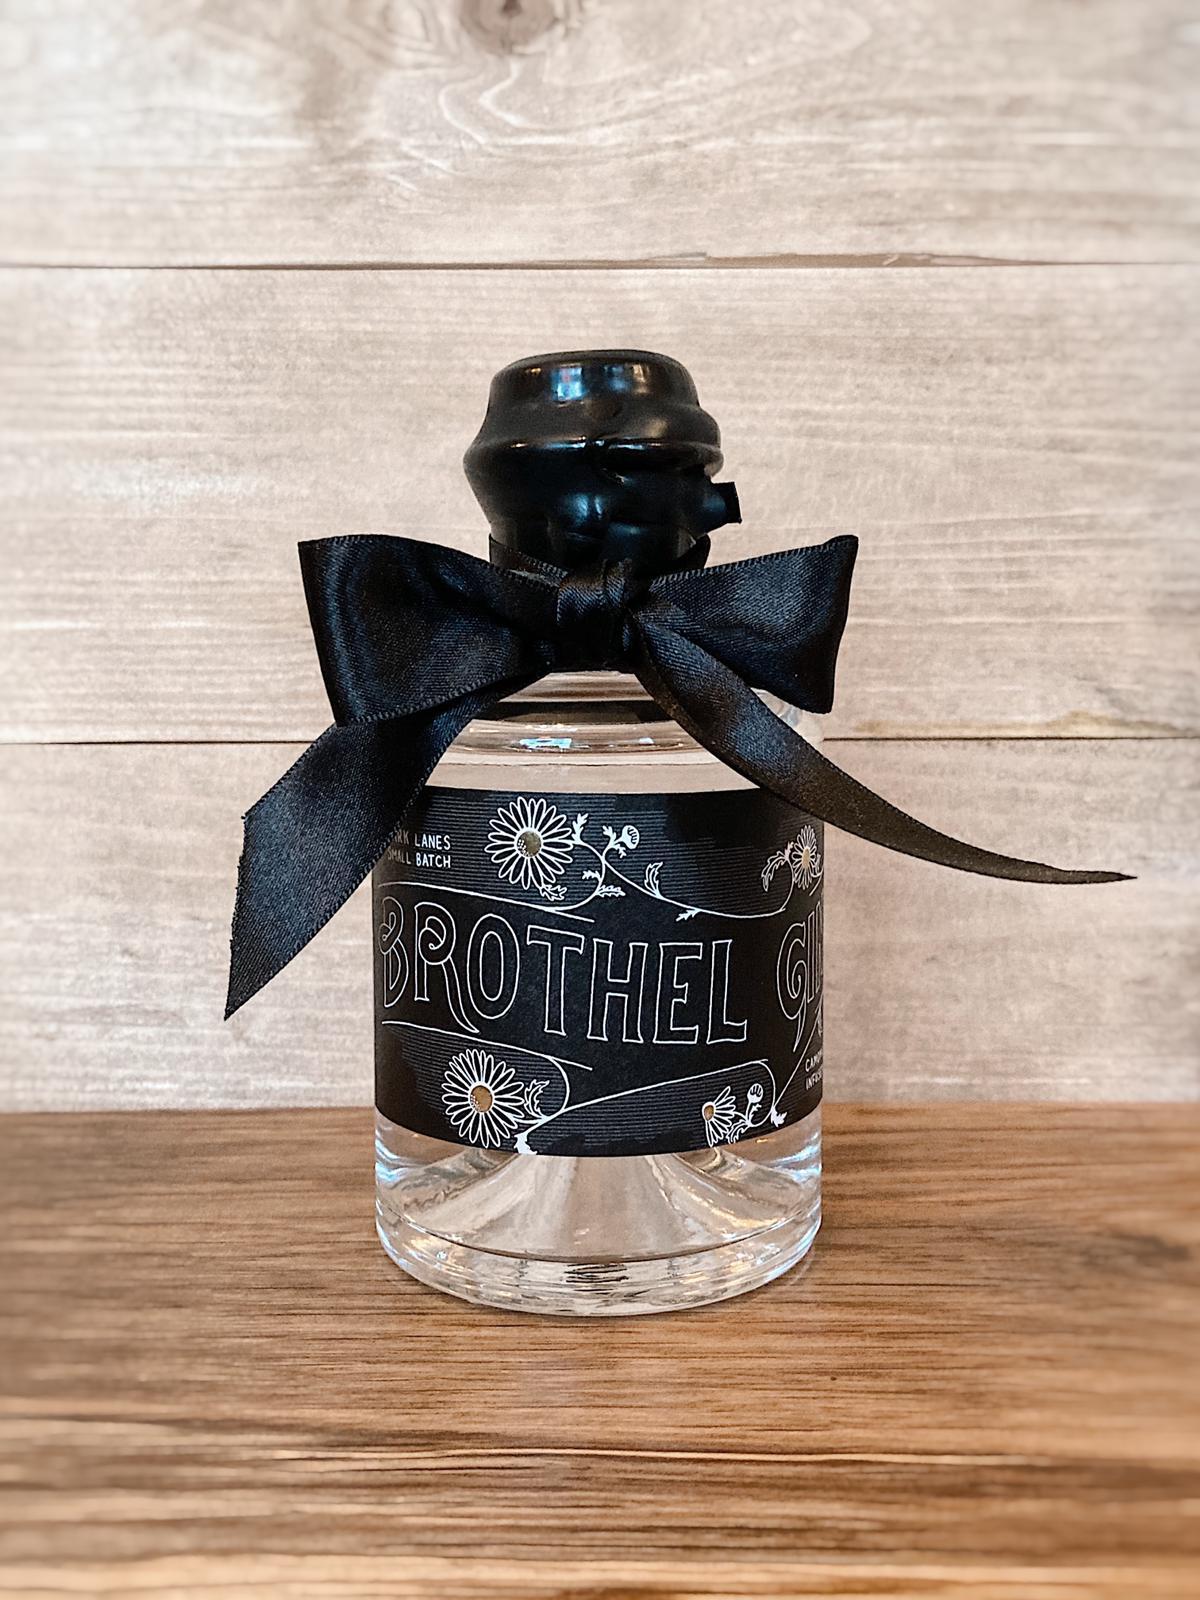 Petite Brothel Gin